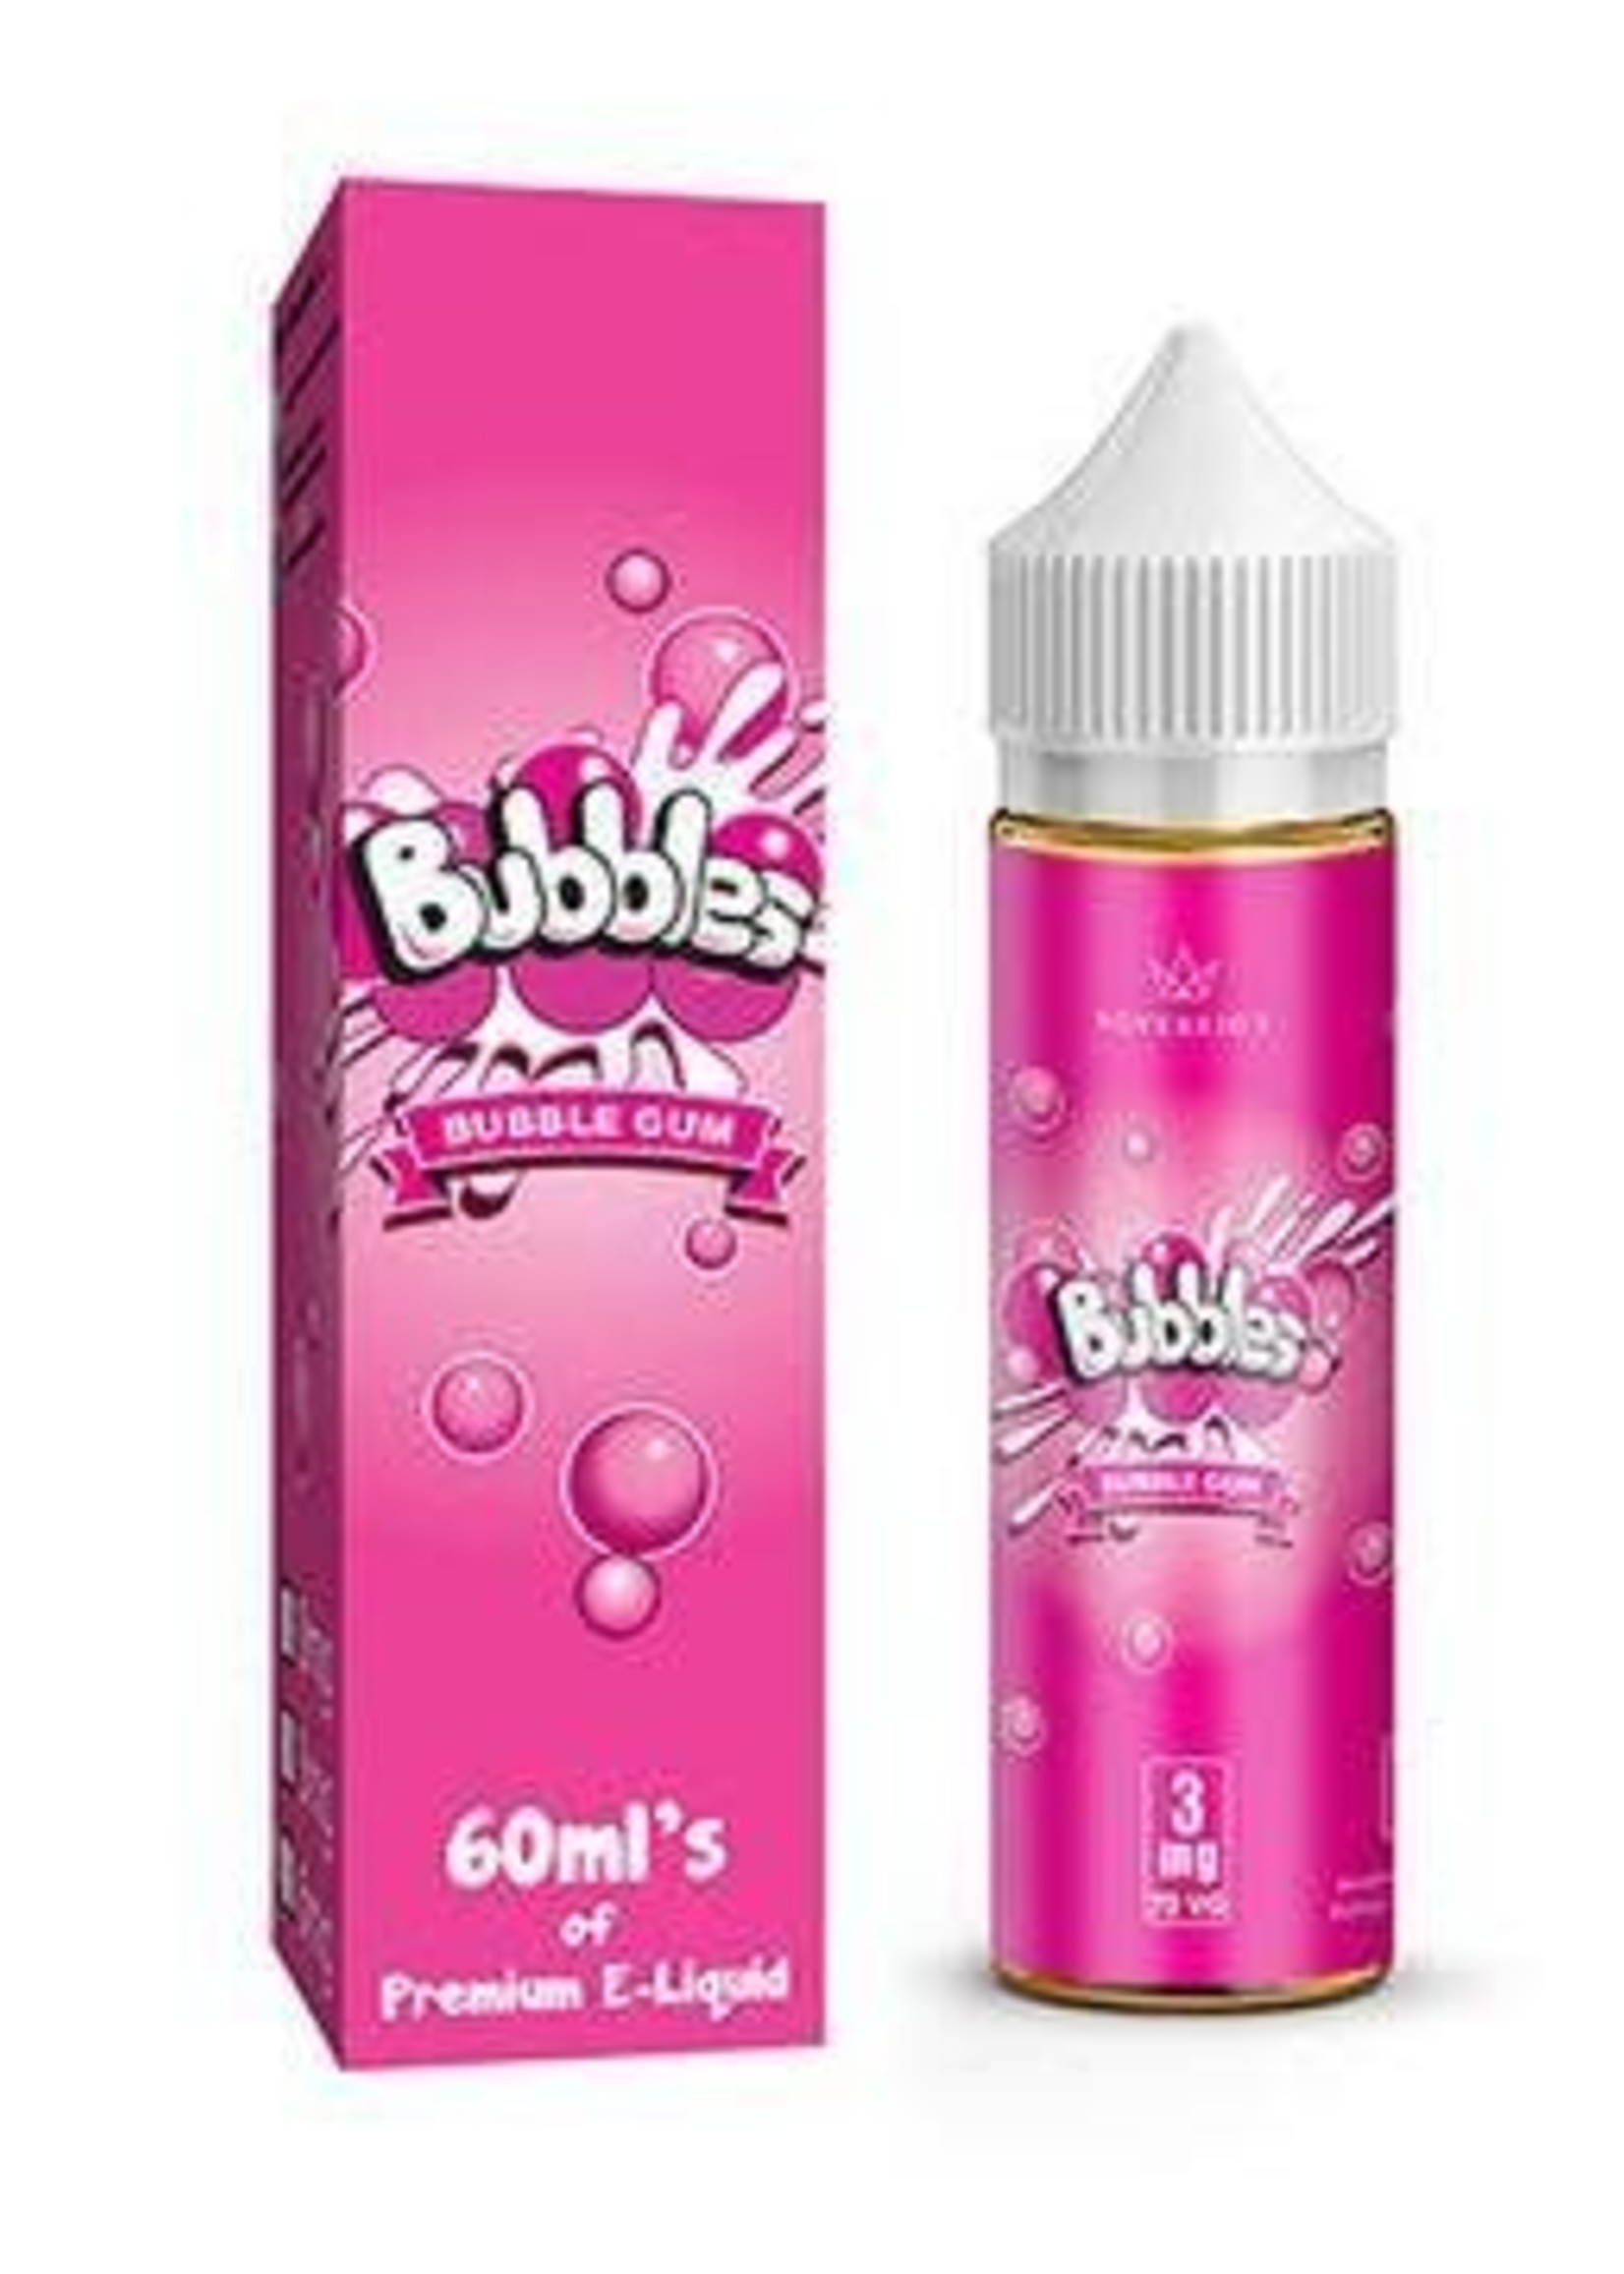 Sovereign Bubble Gum (Bubbles)